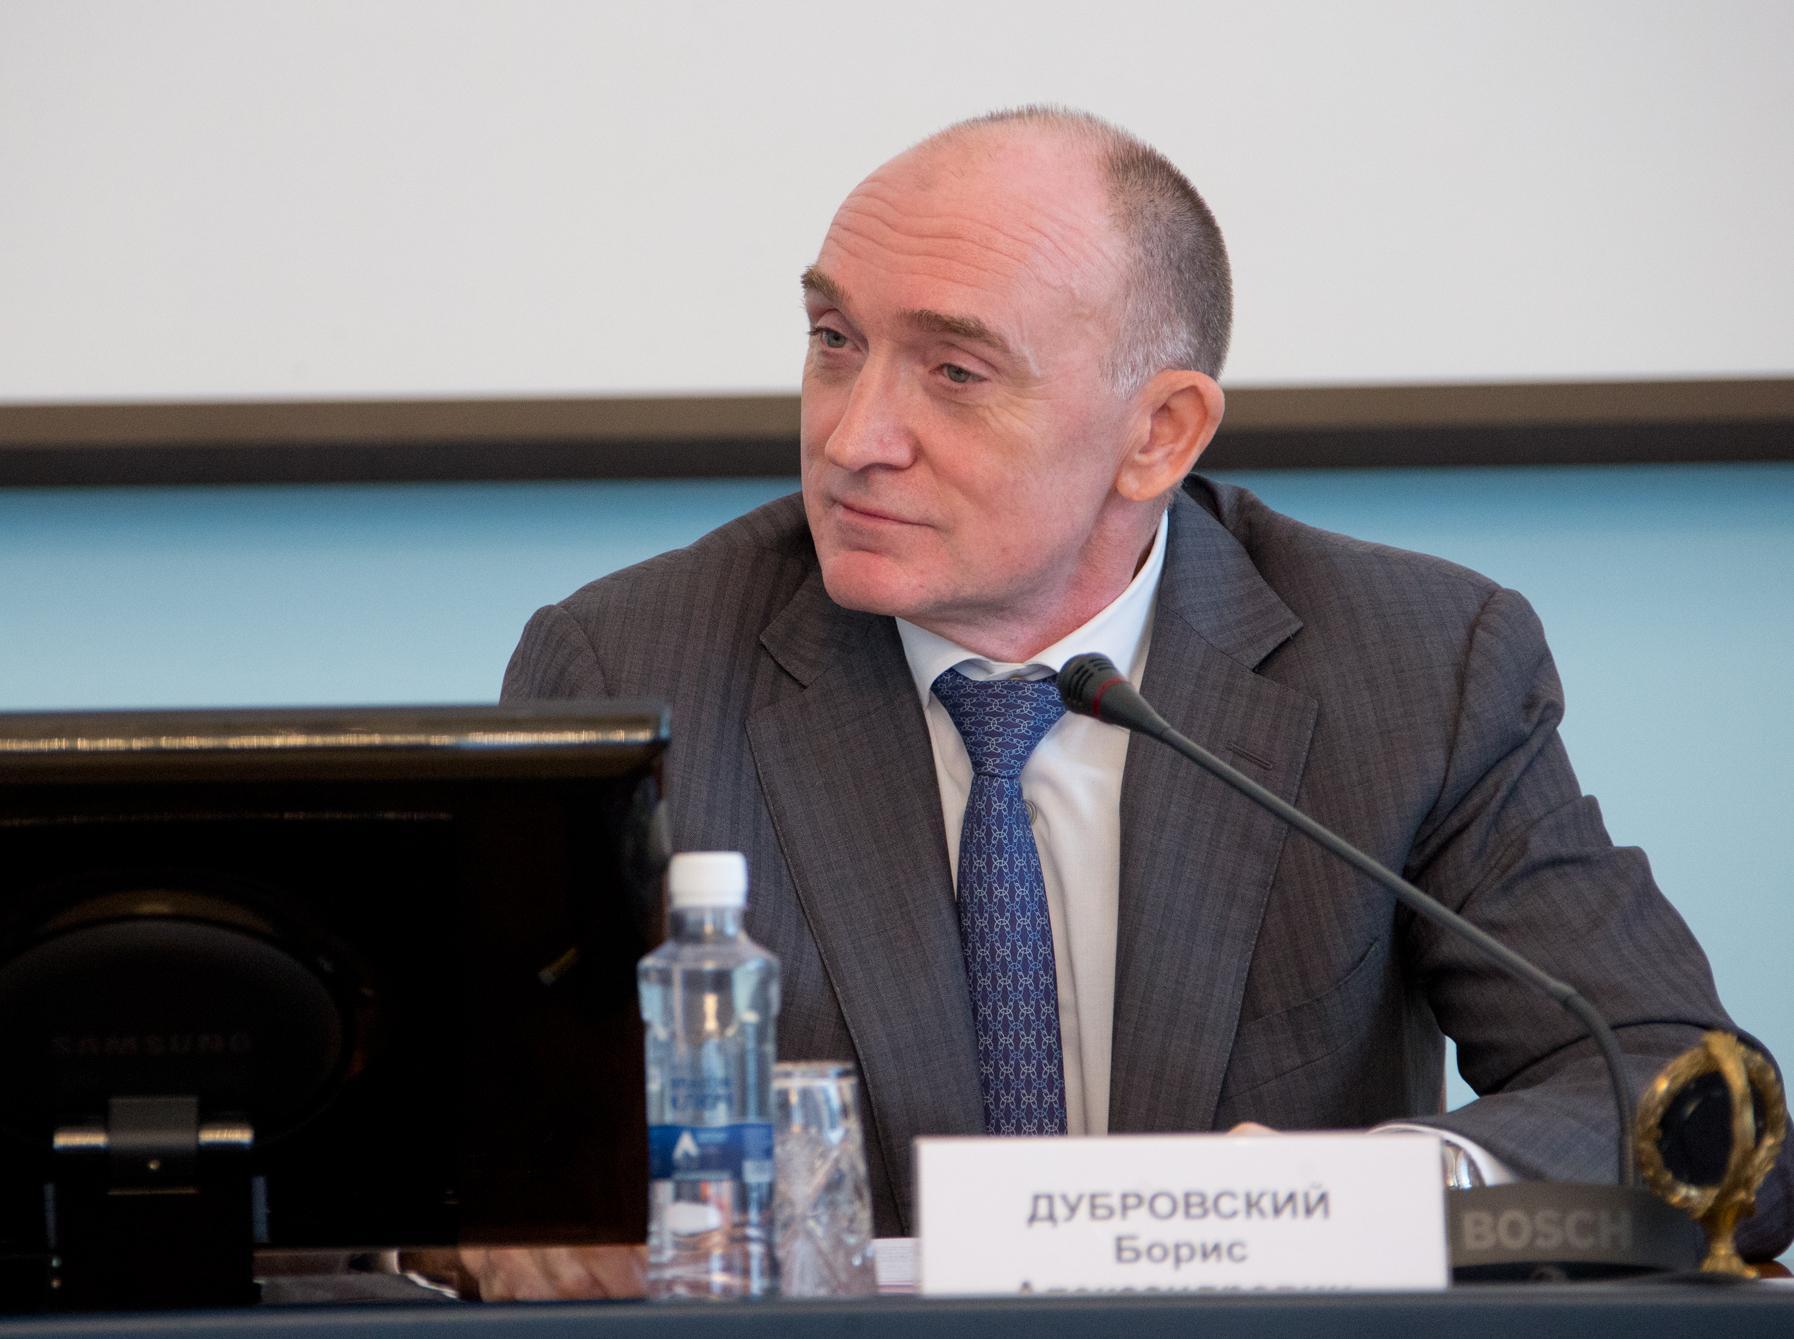 Дубровский заставил министров решать вопросы жителей онлайн